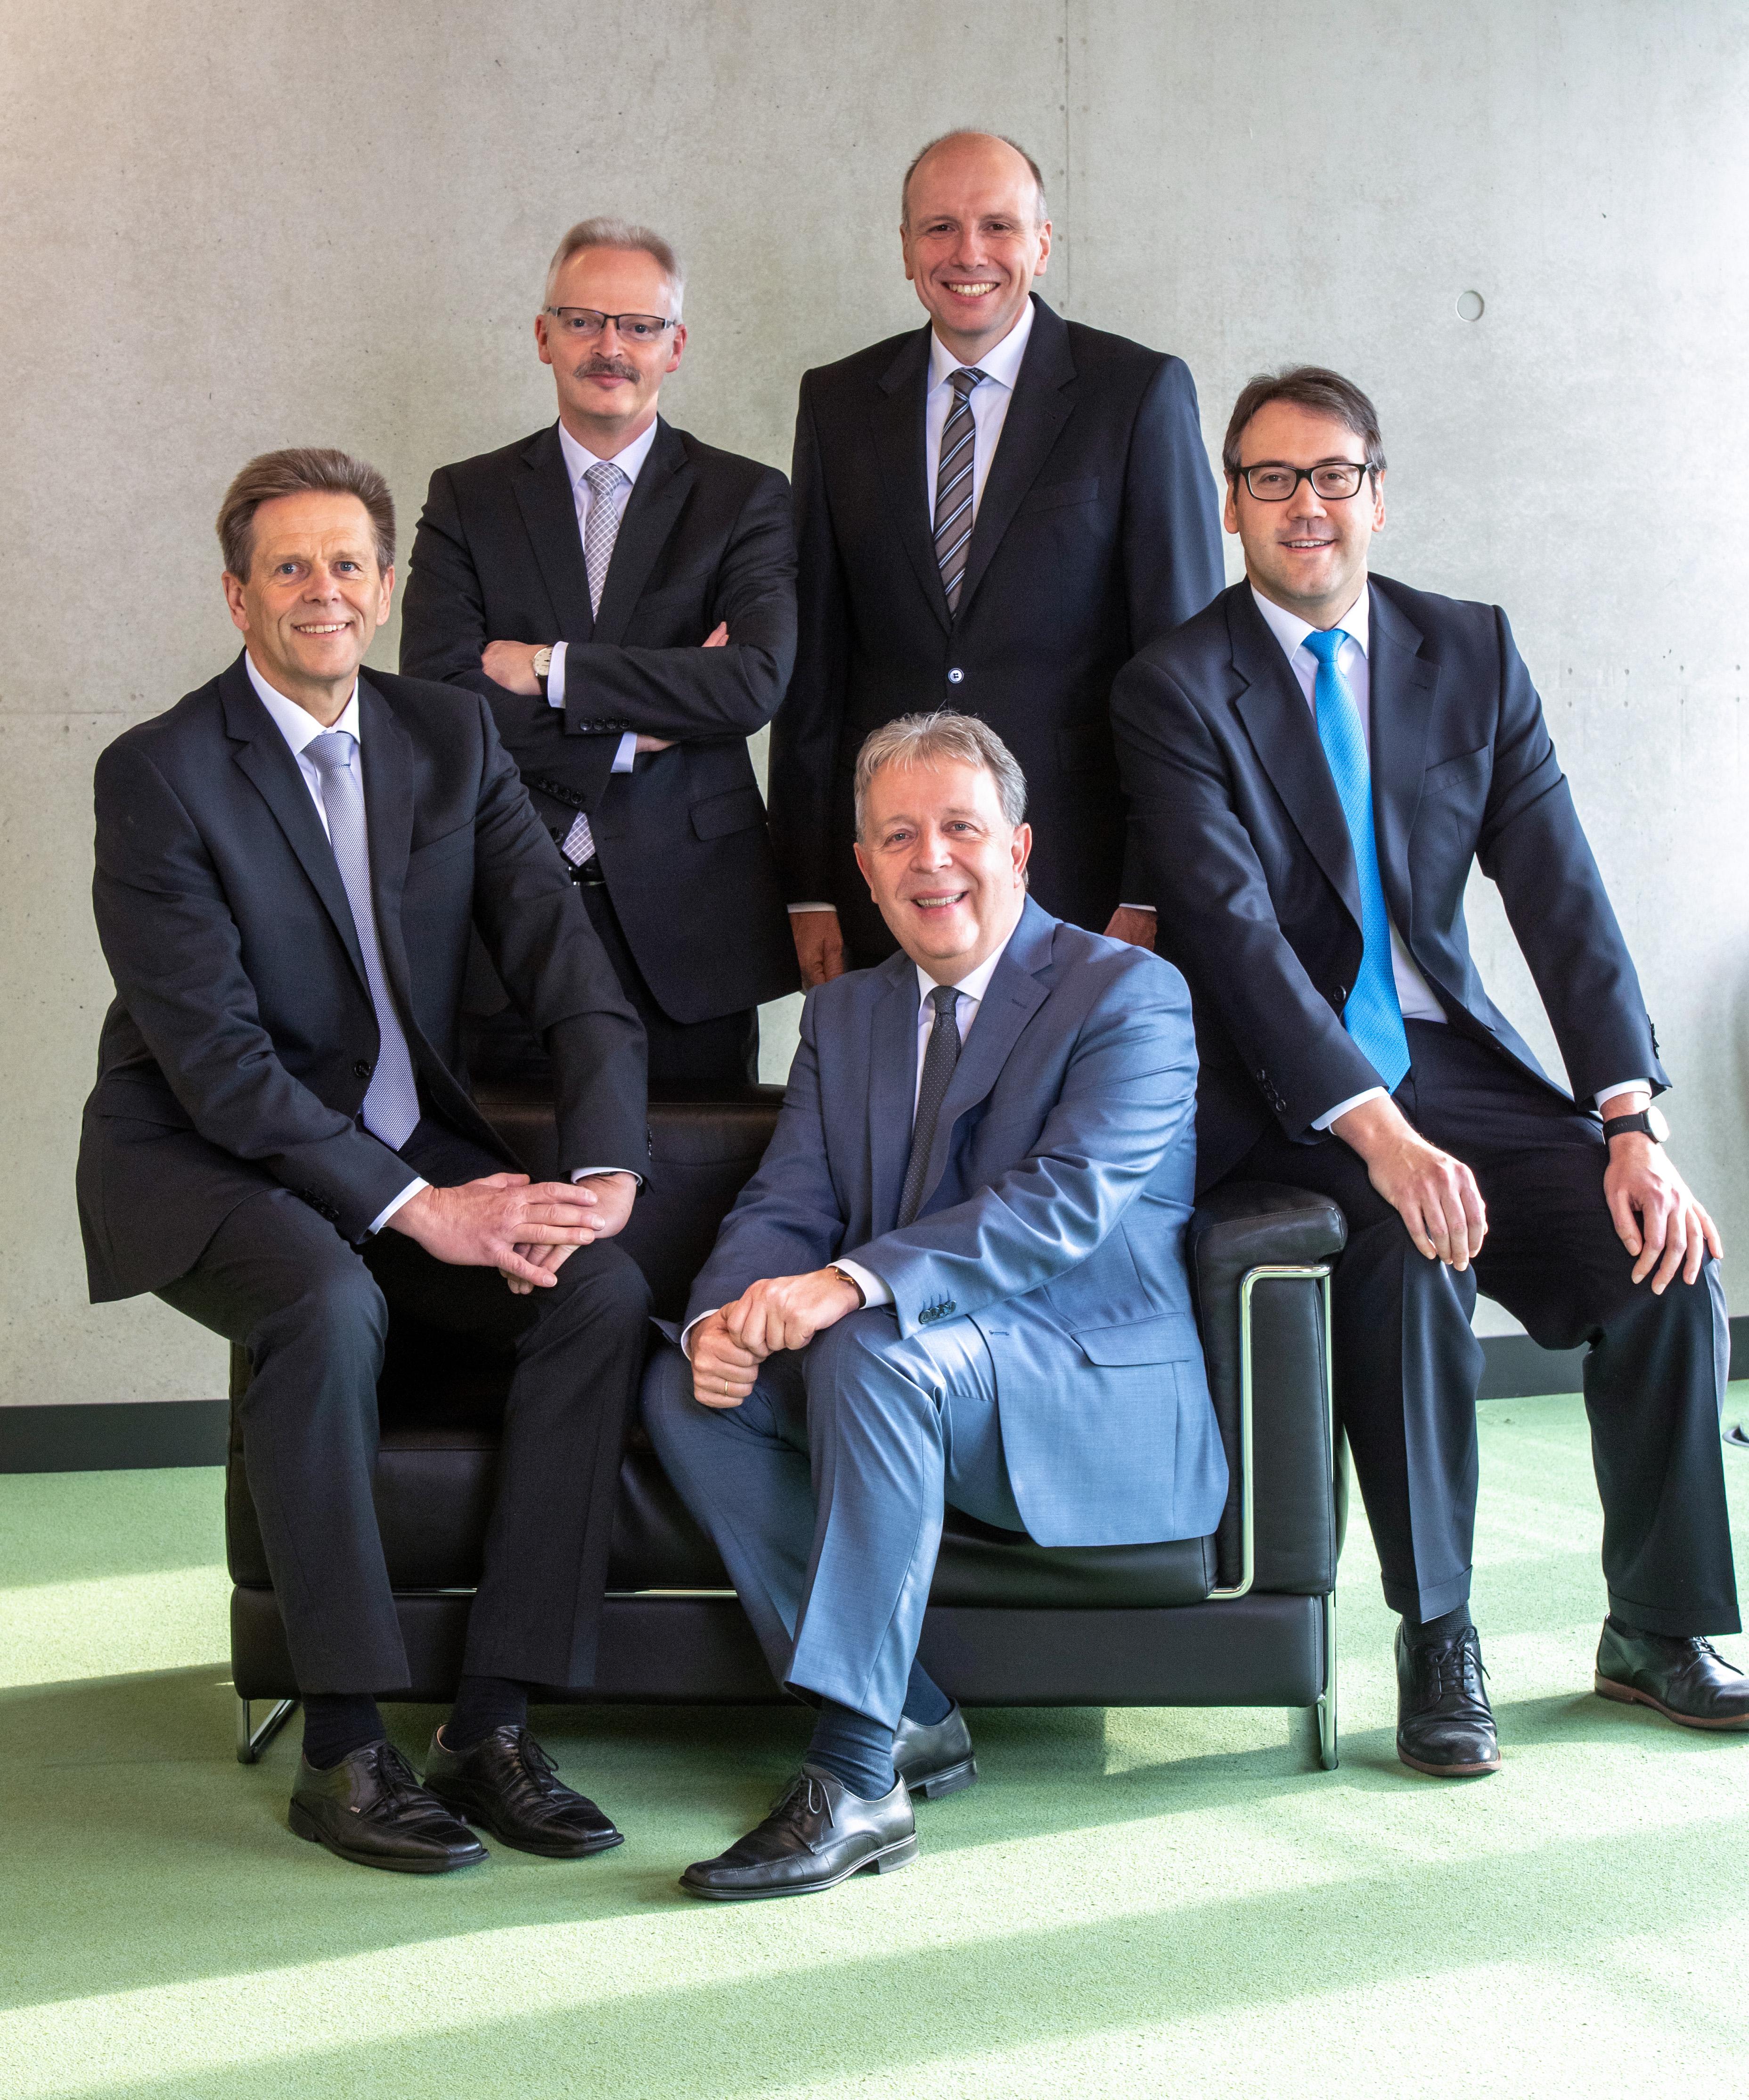 Stadtsparkasse Oberhausen mit neuem Vorstand – Finanzdienstleister stellt Weichen für die Zukunft